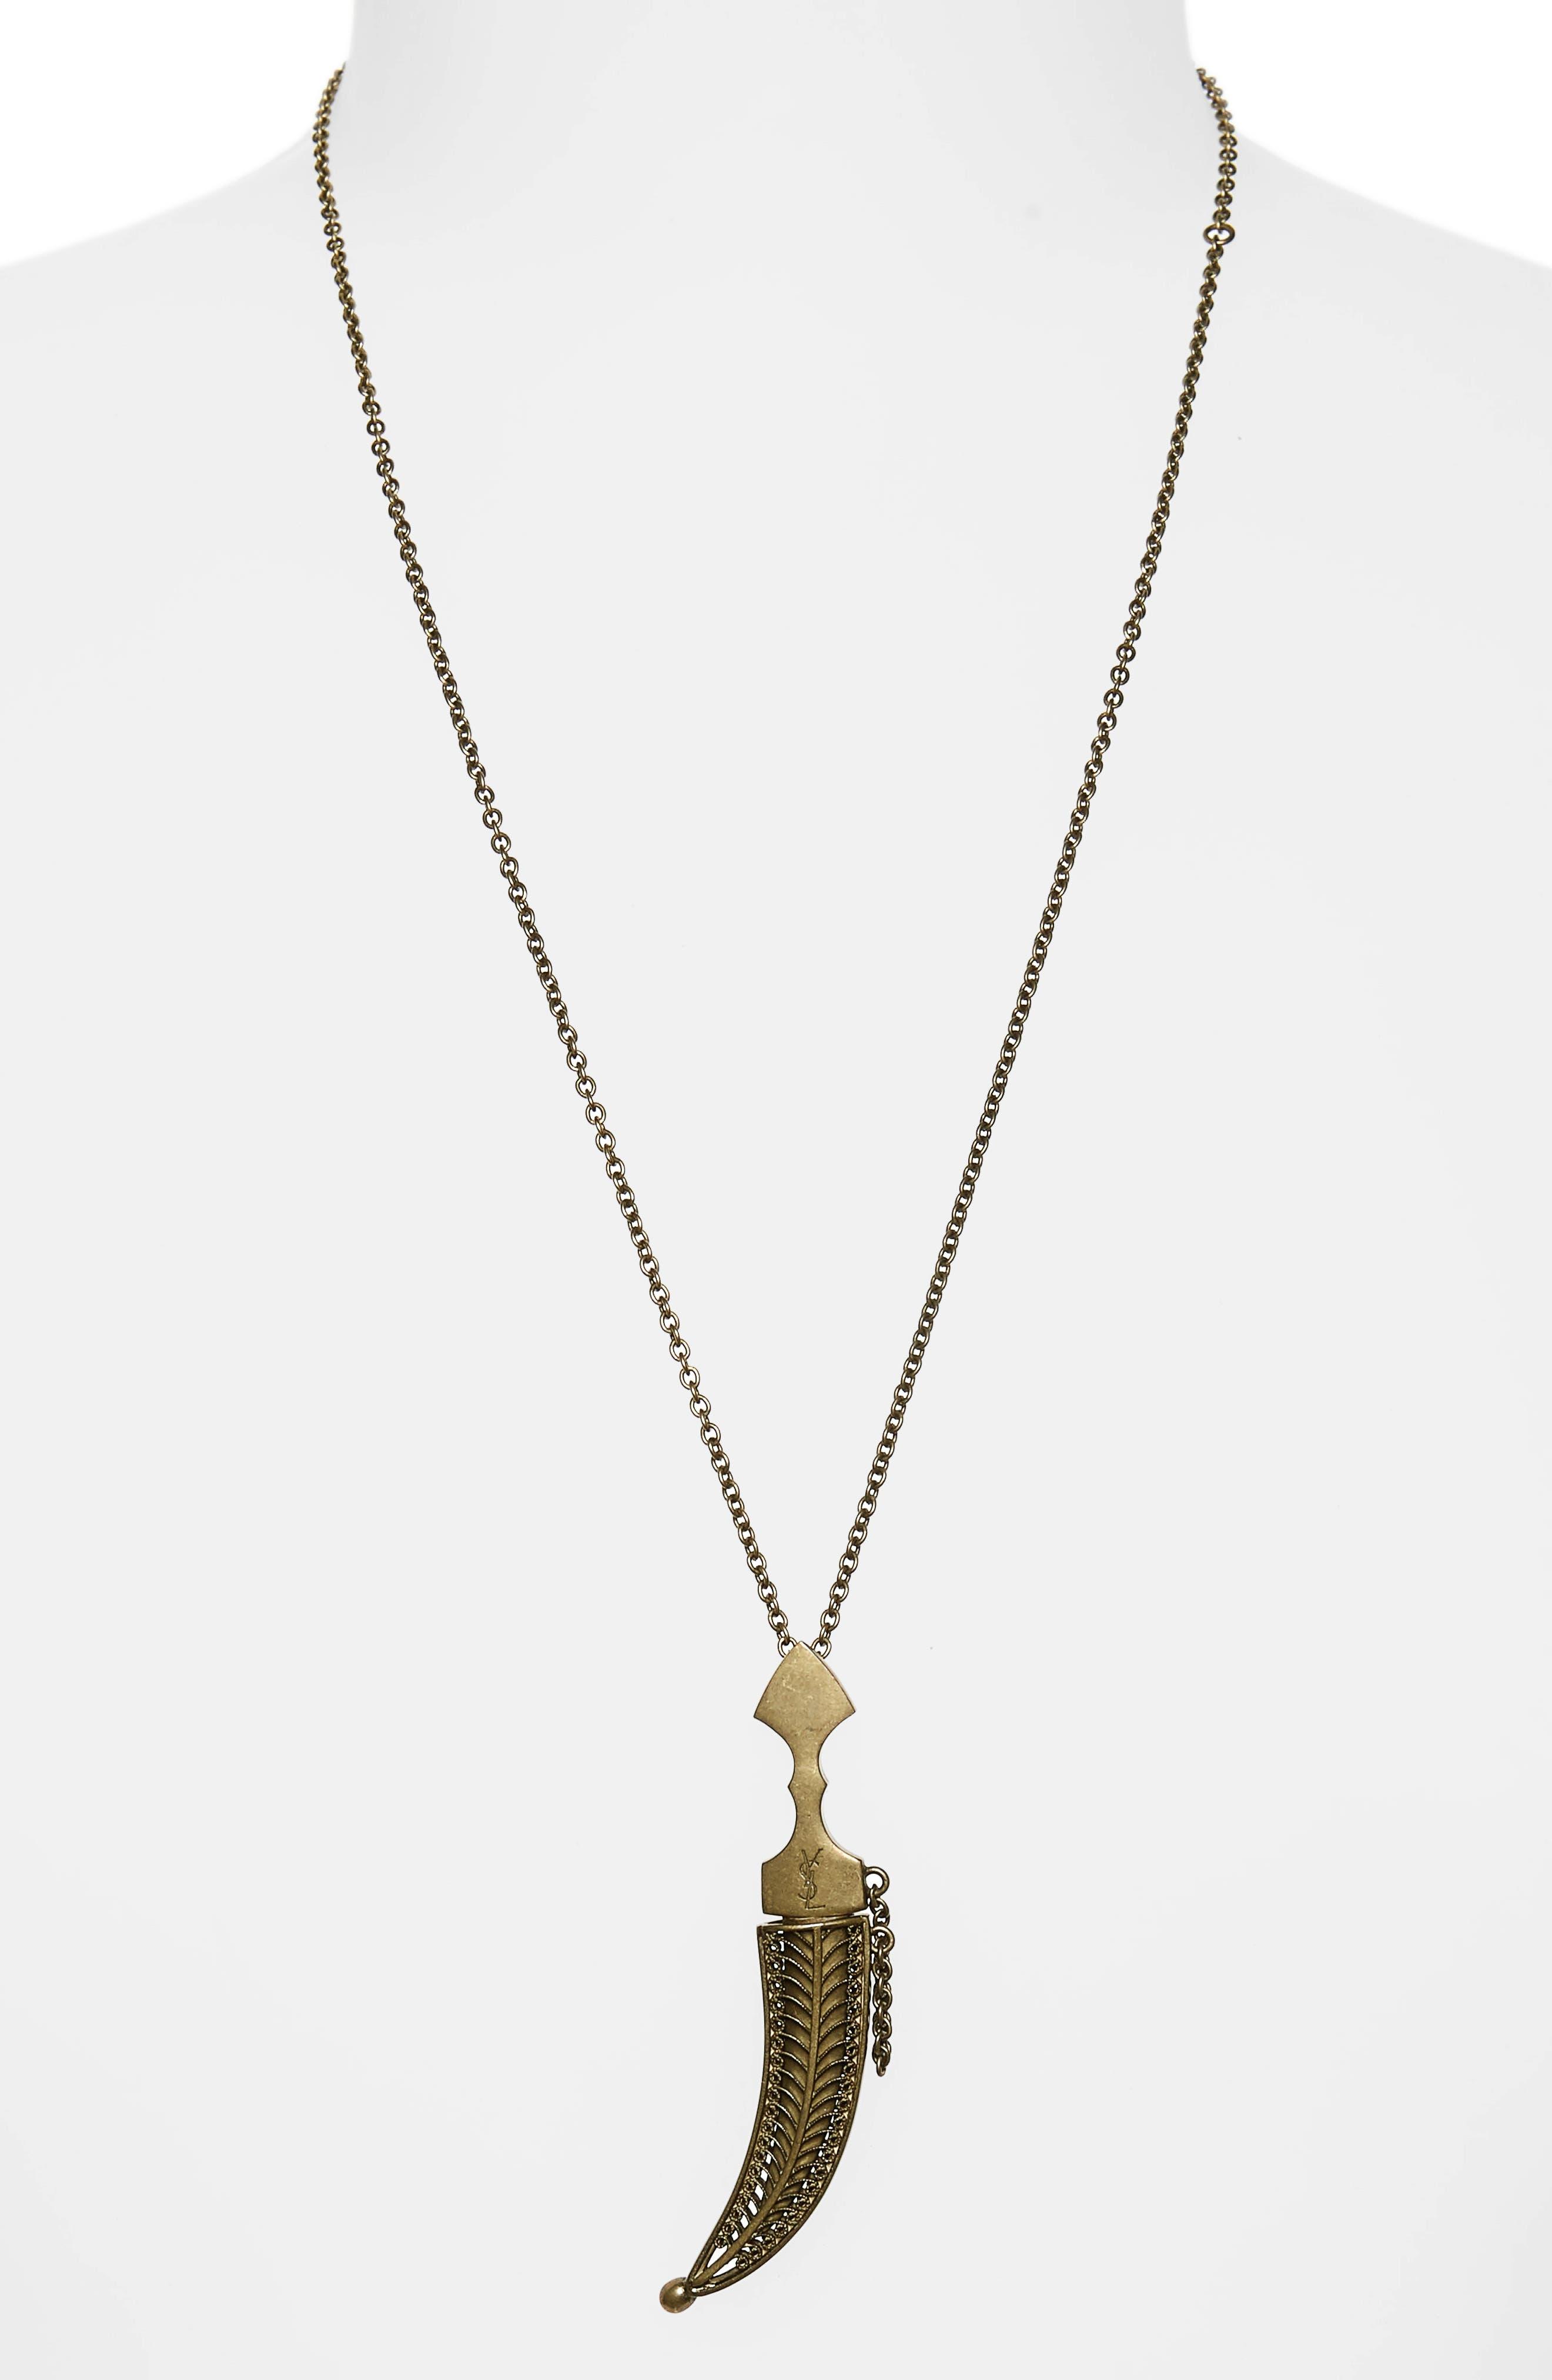 SAINT LAURENT, Saber Charm Pendant Necklace, Alternate thumbnail 2, color, BRASS